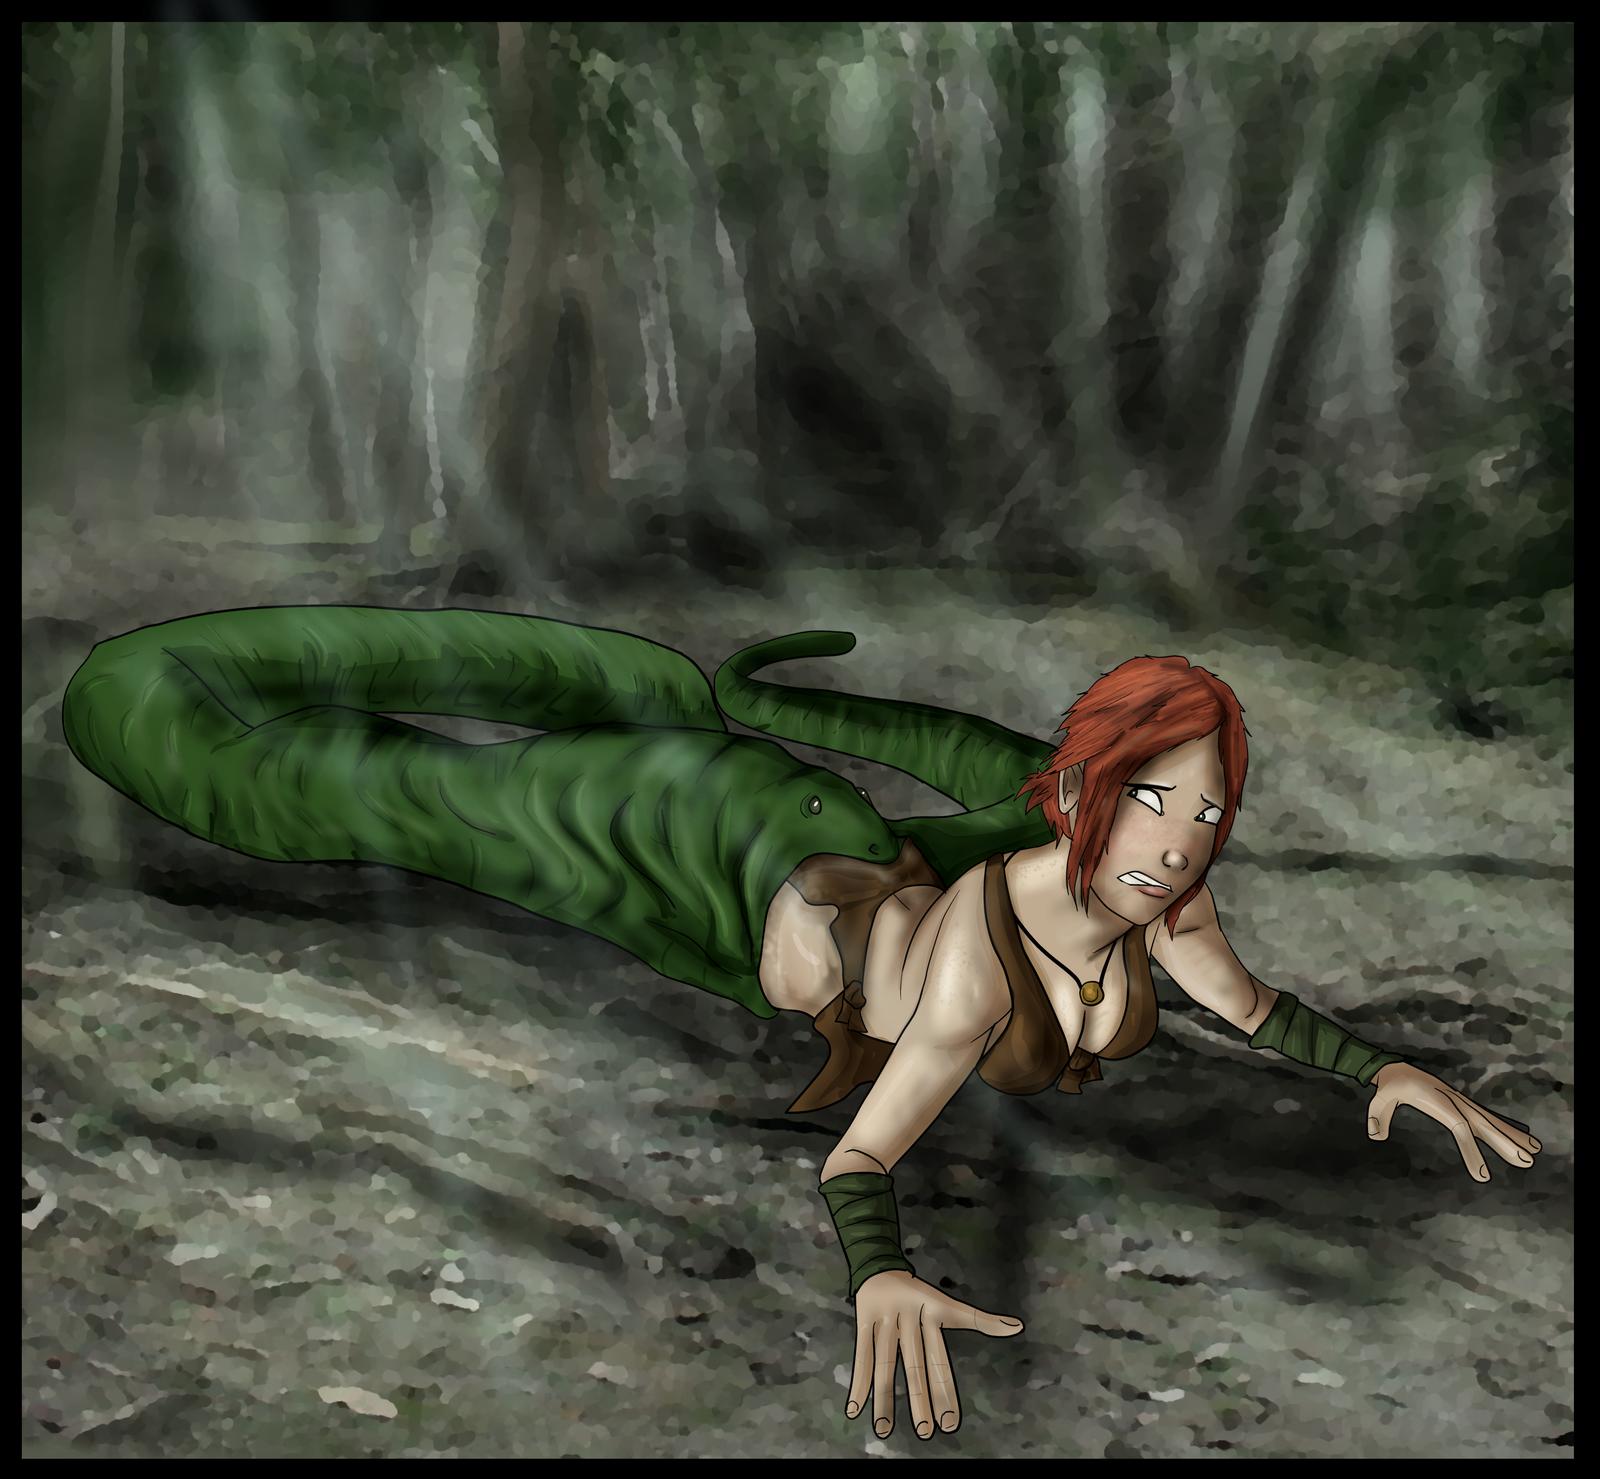 Jungle Girl Vs Snake by Pentahelix